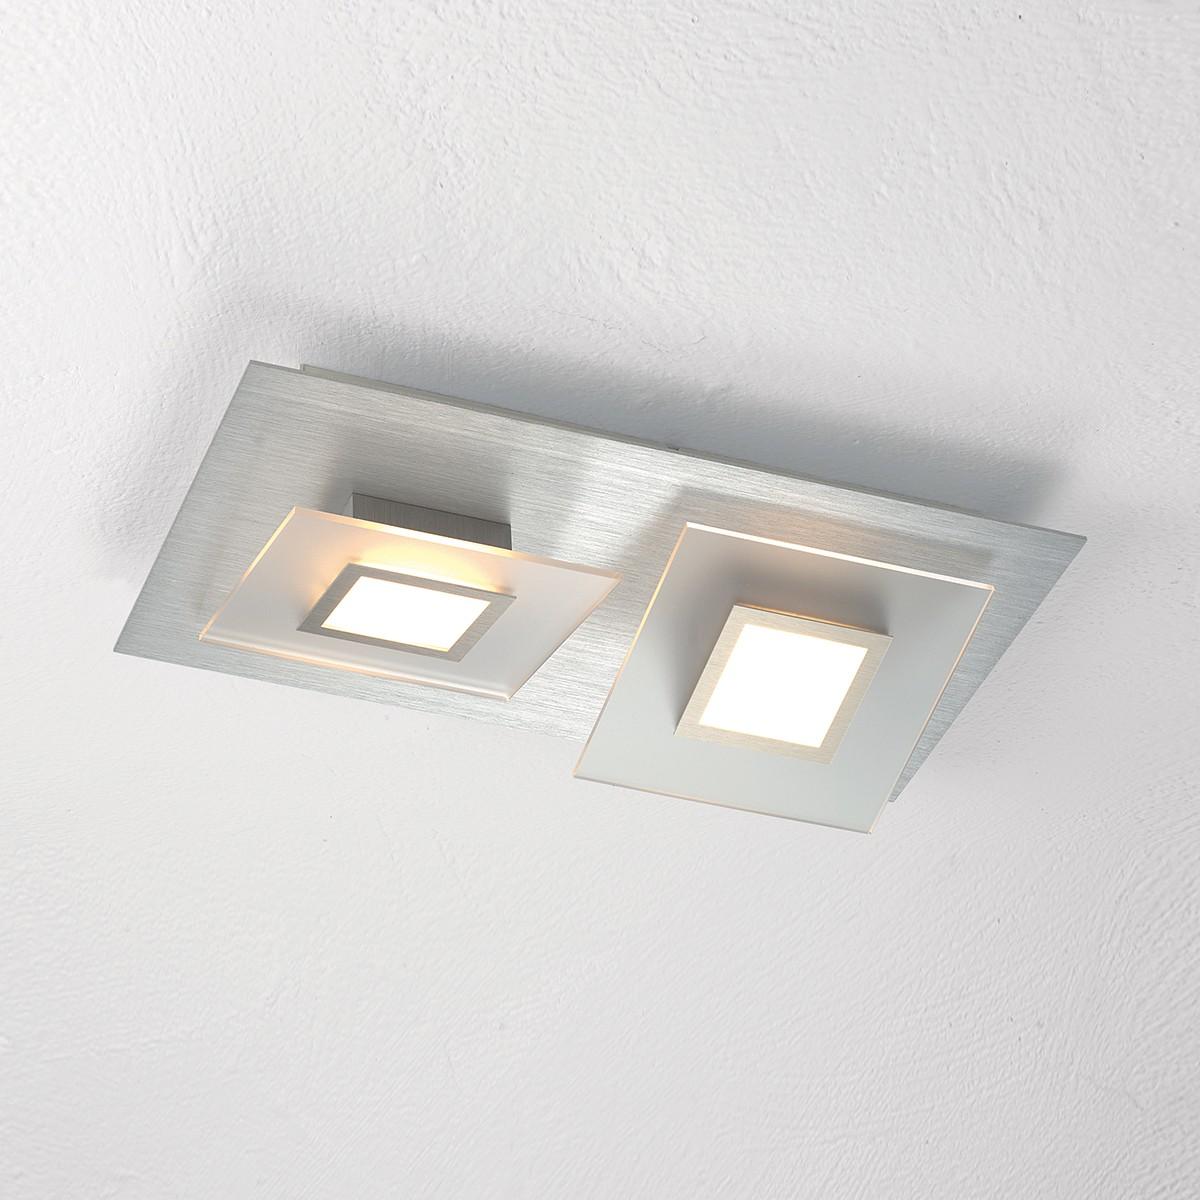 Bopp Frame LED Wand- / Deckenleuchte 2-flg., Aluminium